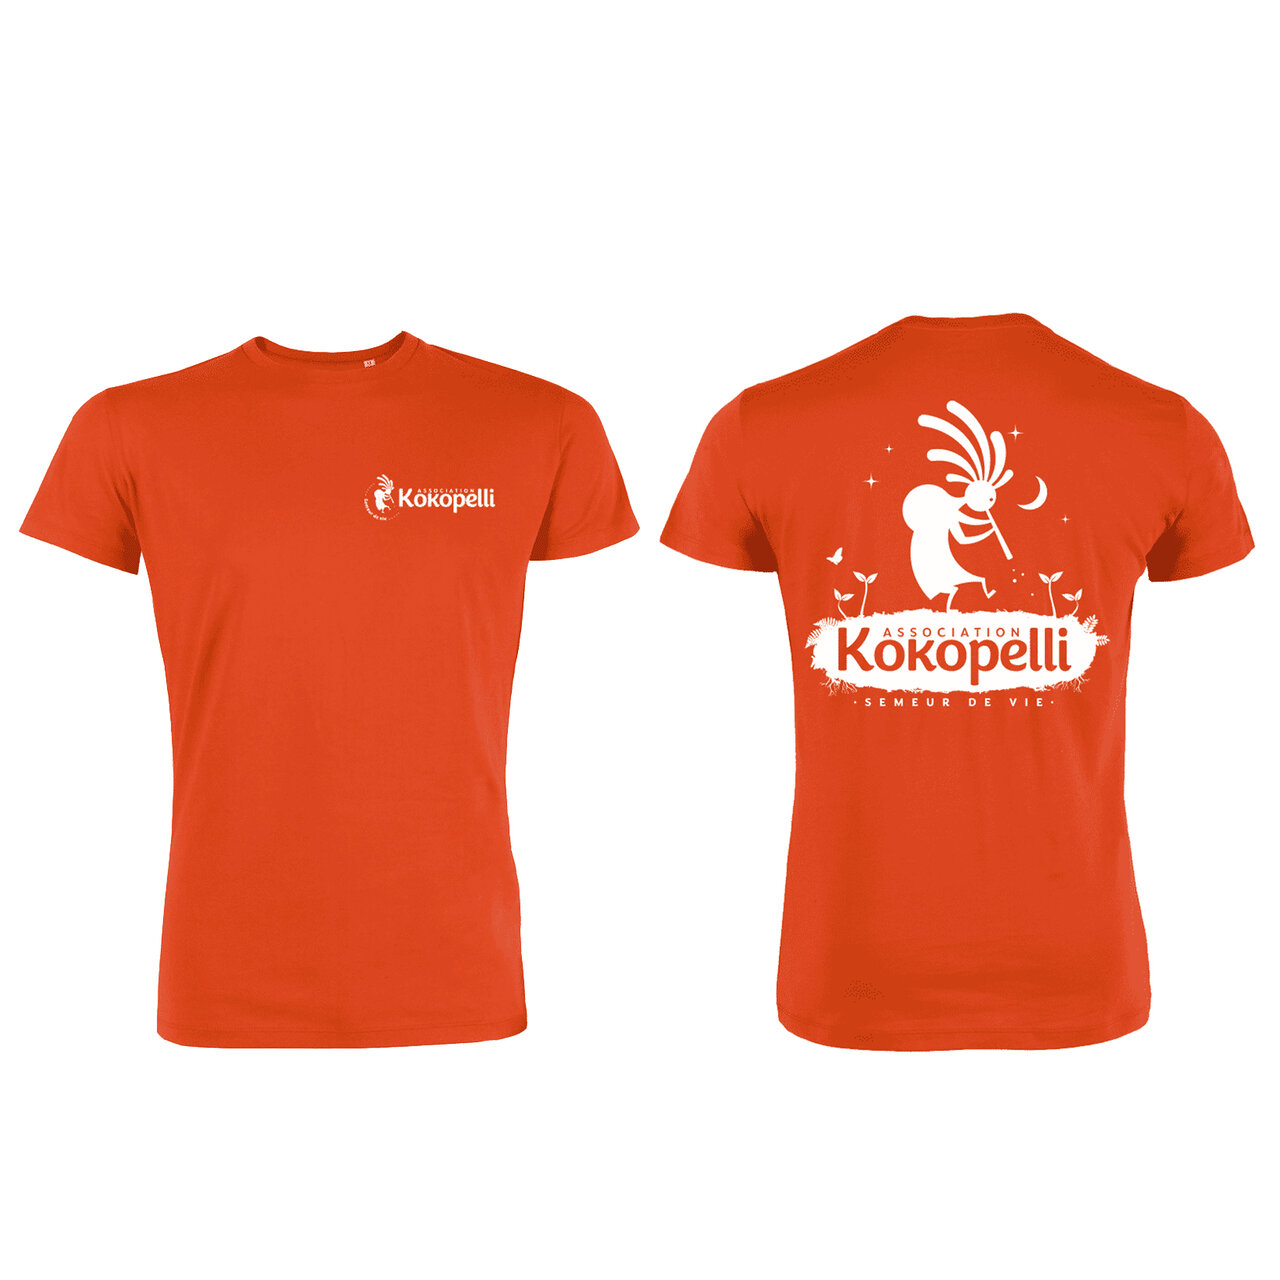 Vêtements - T-Shirt homme orange, taille S